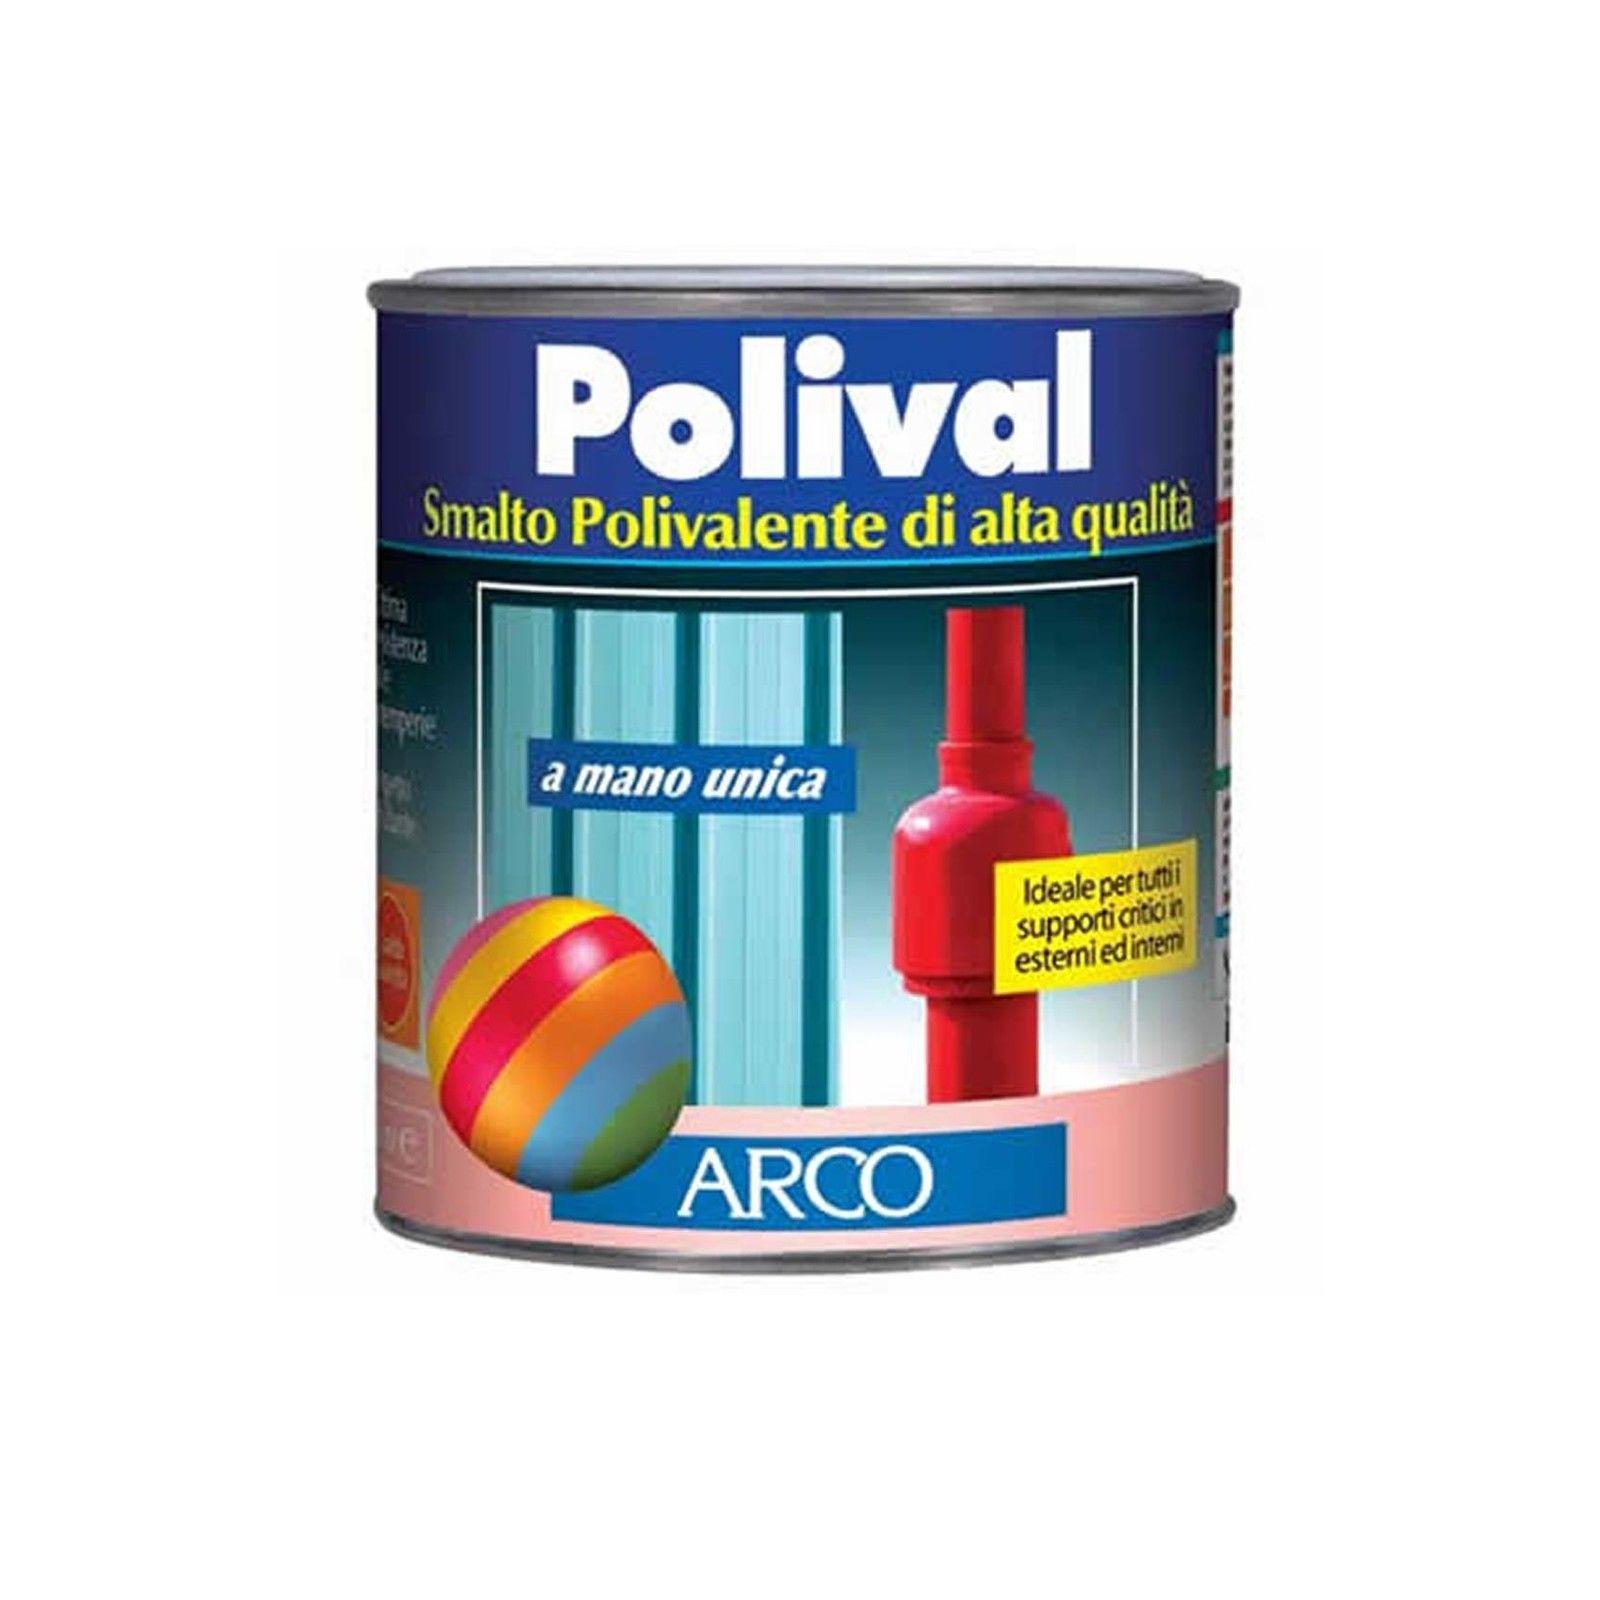 Arco Polival smalto 750ml  mano unica per plastica vetro lamiera colore nero lucido